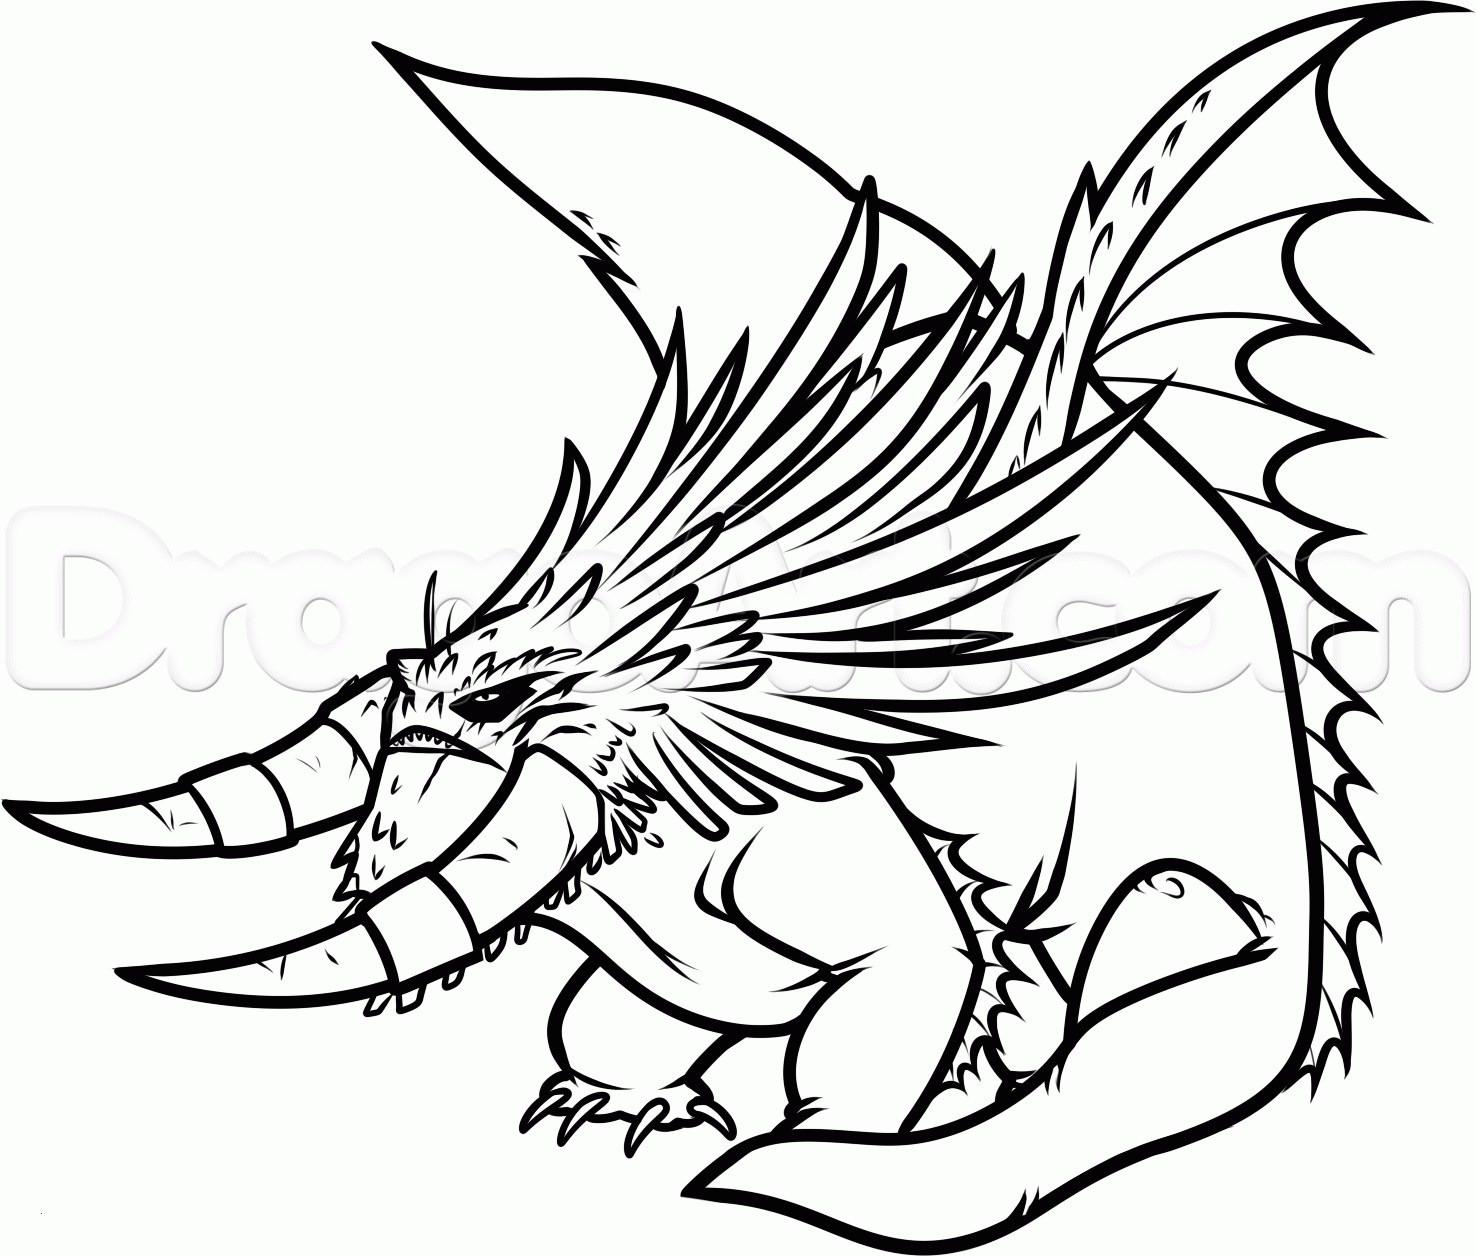 Dragons Auf Zu Neuen Ufern Ausmalbilder Inspirierend 47 Genial Ohnezahn Und Hicks Ausmalbilder Beste Malvorlage Bild